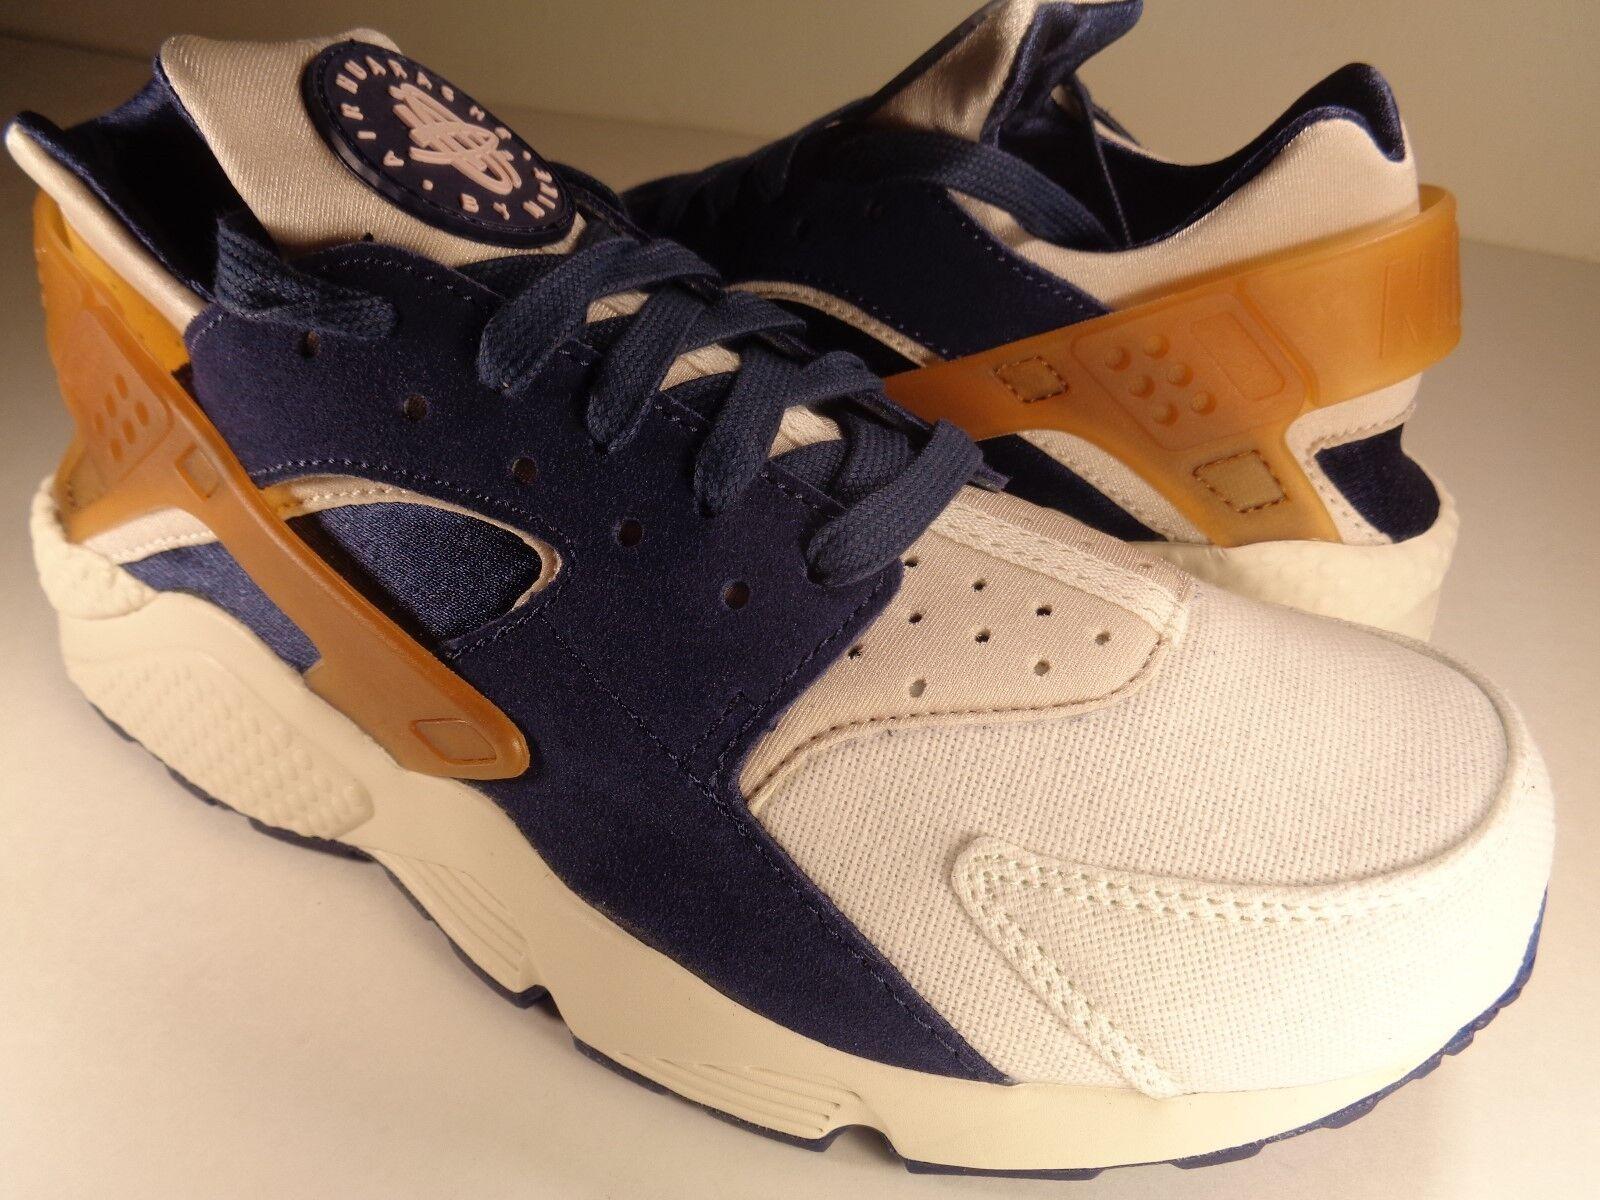 sports shoes d4f18 1bae8 Nike Air Huarache Run Premium Ale Brown Navy Navy Navy Sail Pearl SZ 9 ( 704830